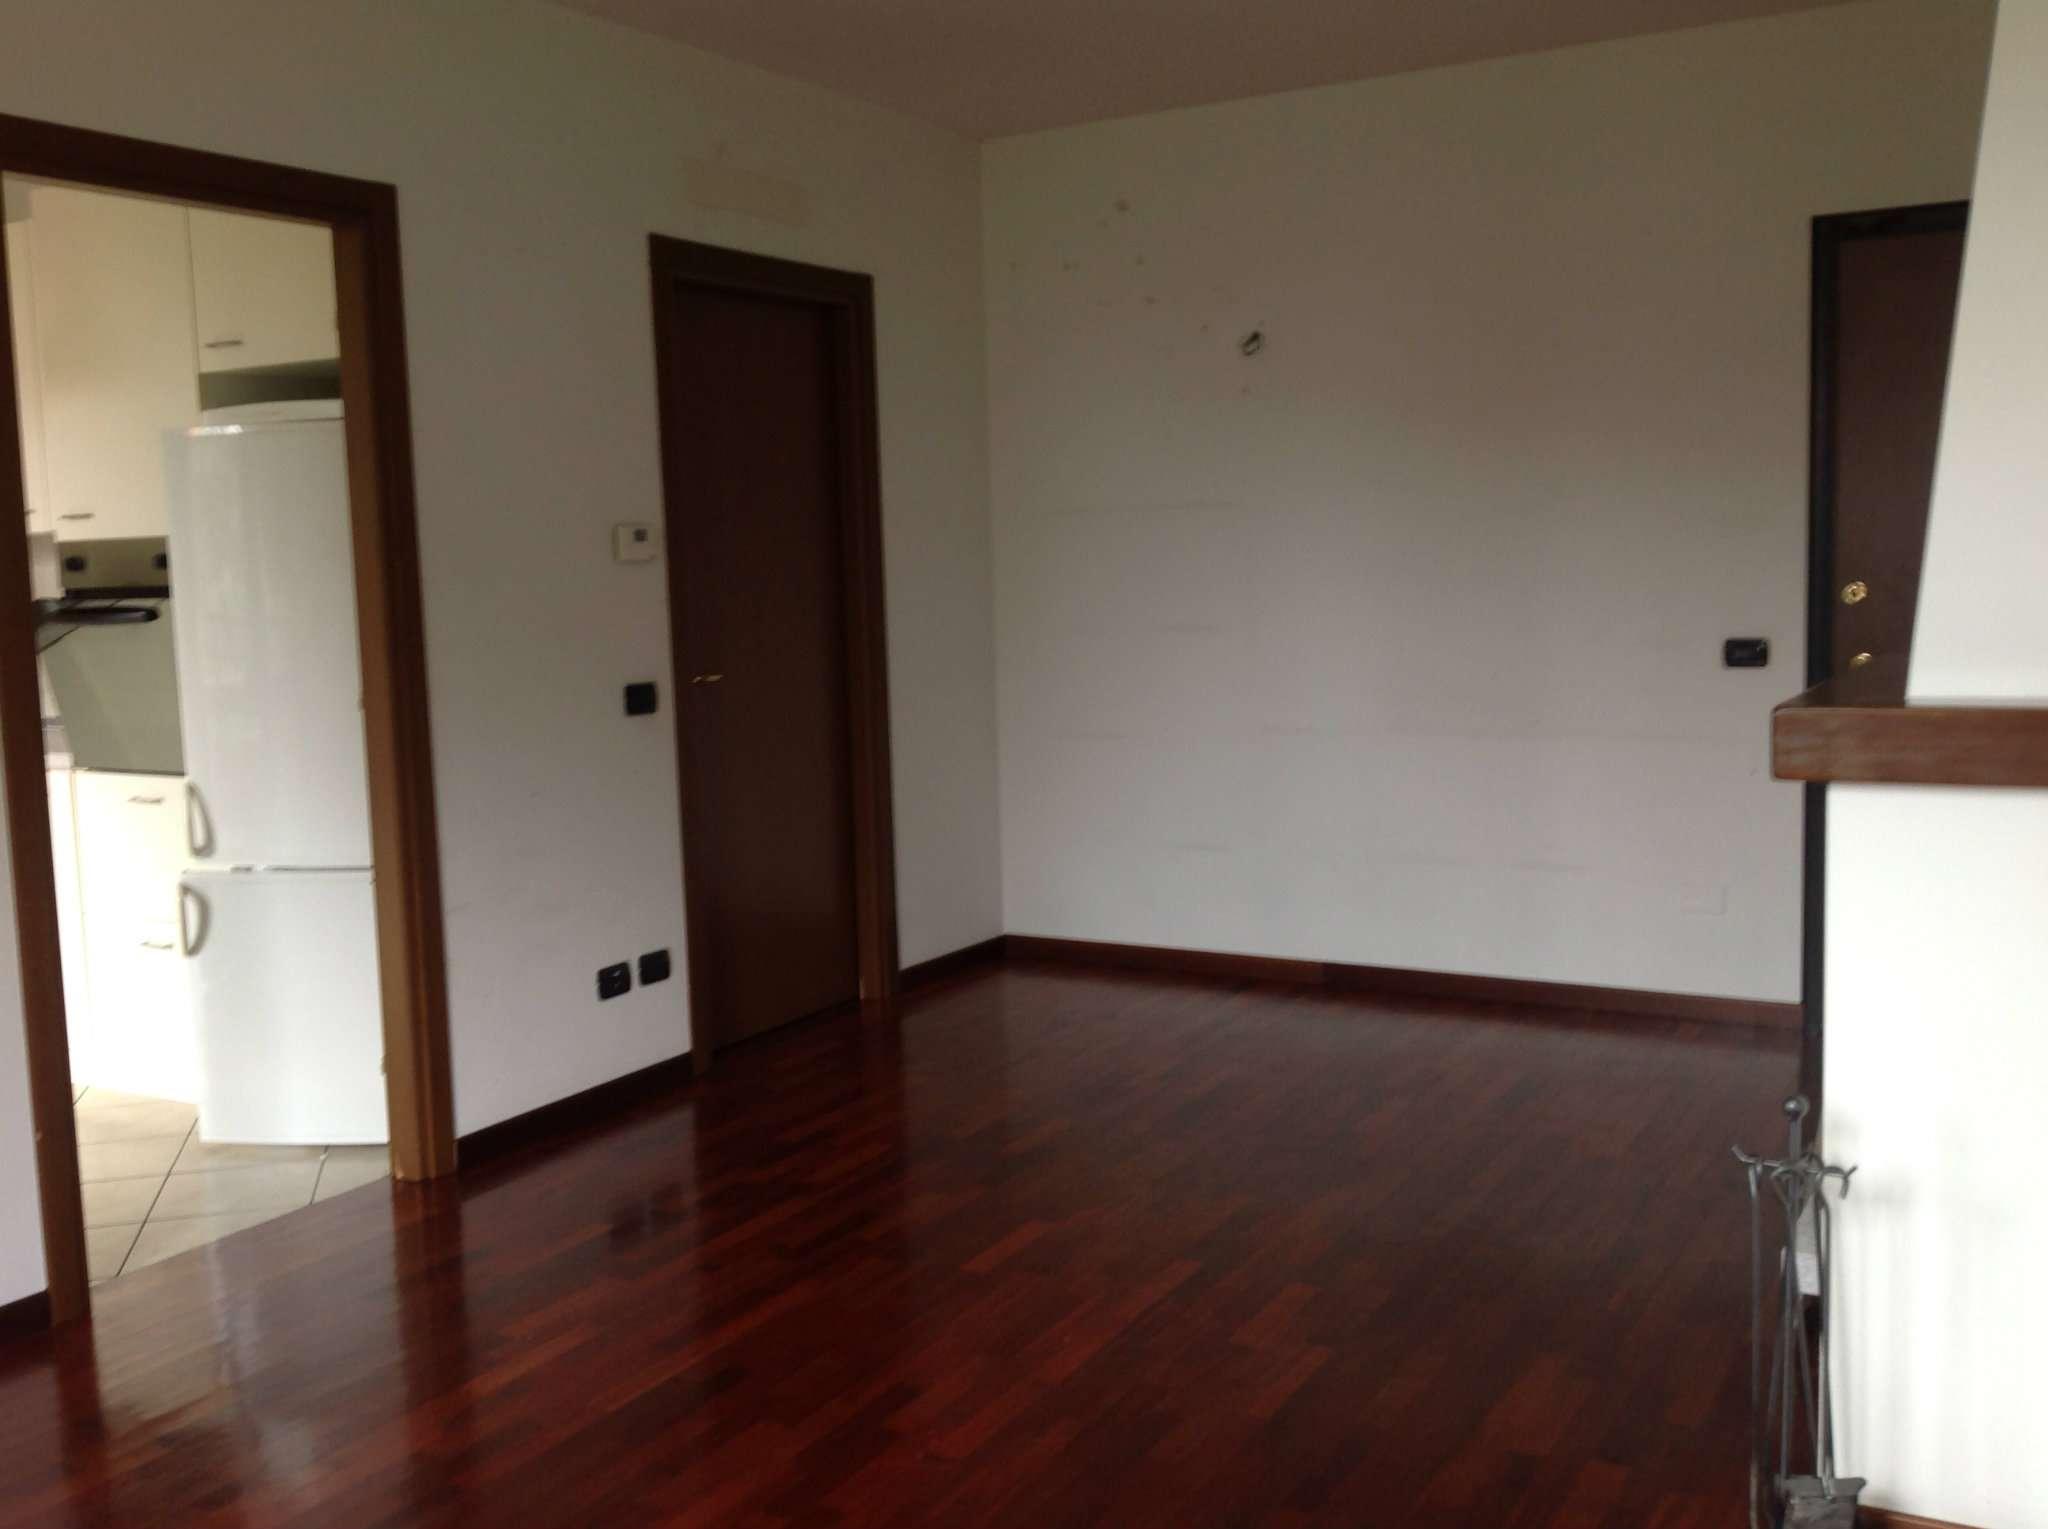 Appartamento in affitto a Peschiera Borromeo, 2 locali, prezzo € 760 | CambioCasa.it